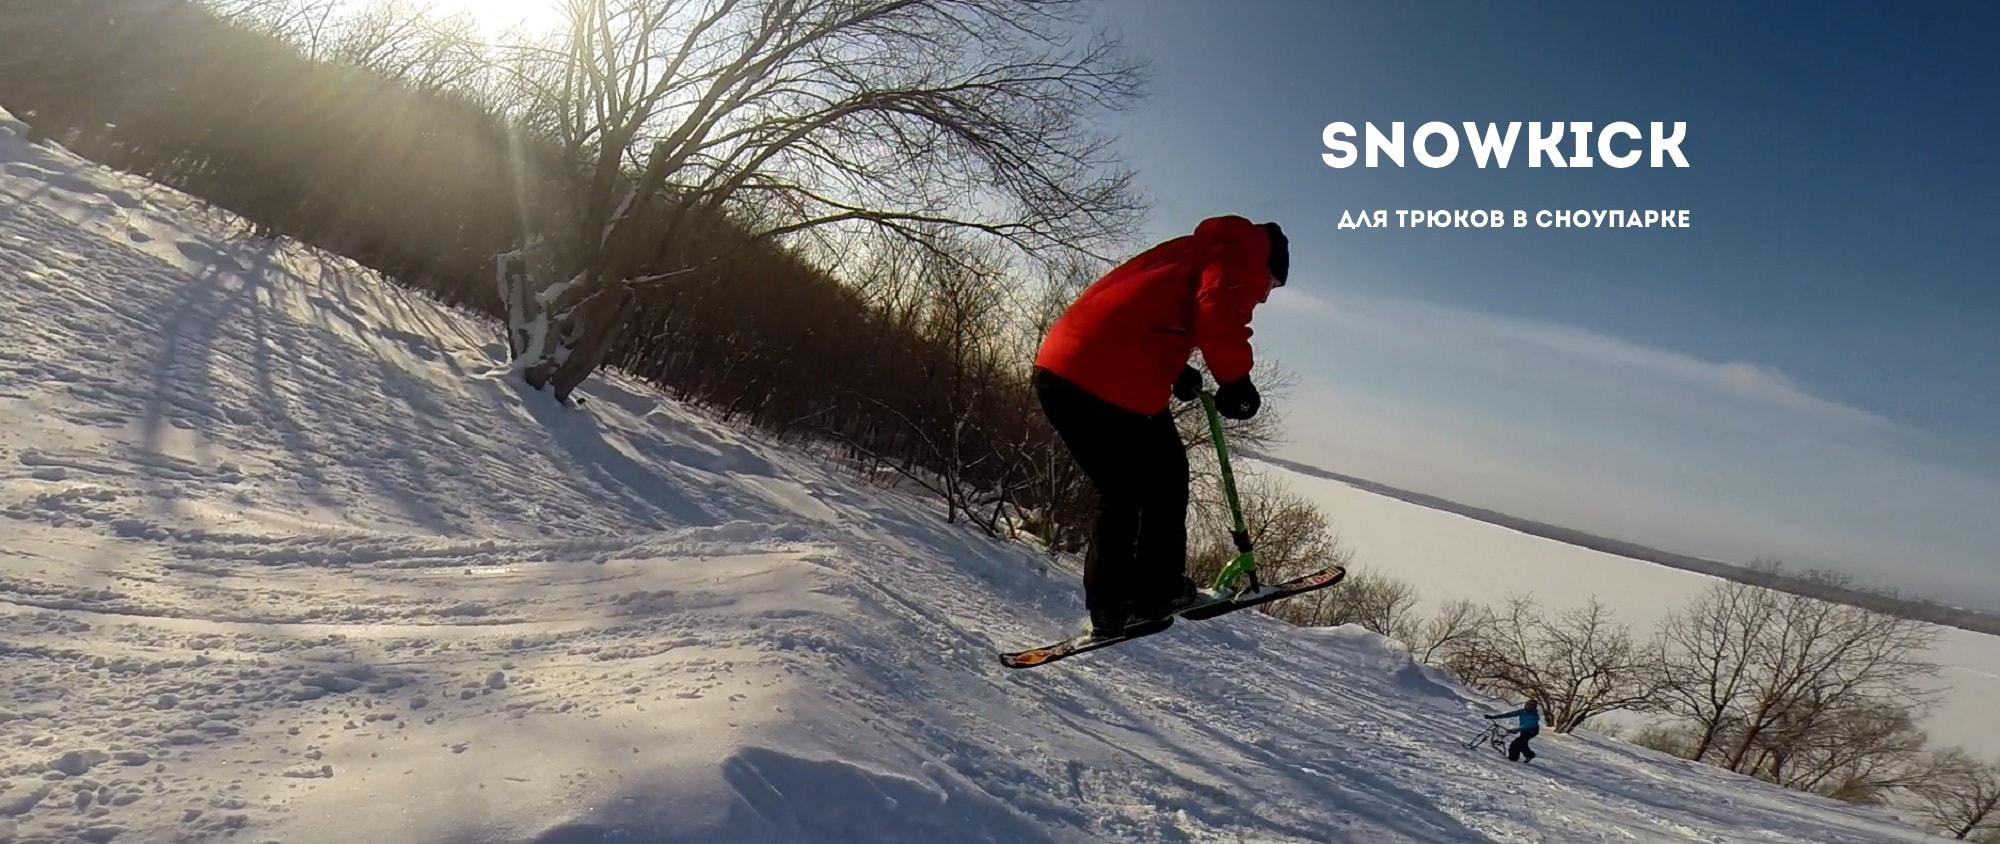 snowkick_5-min